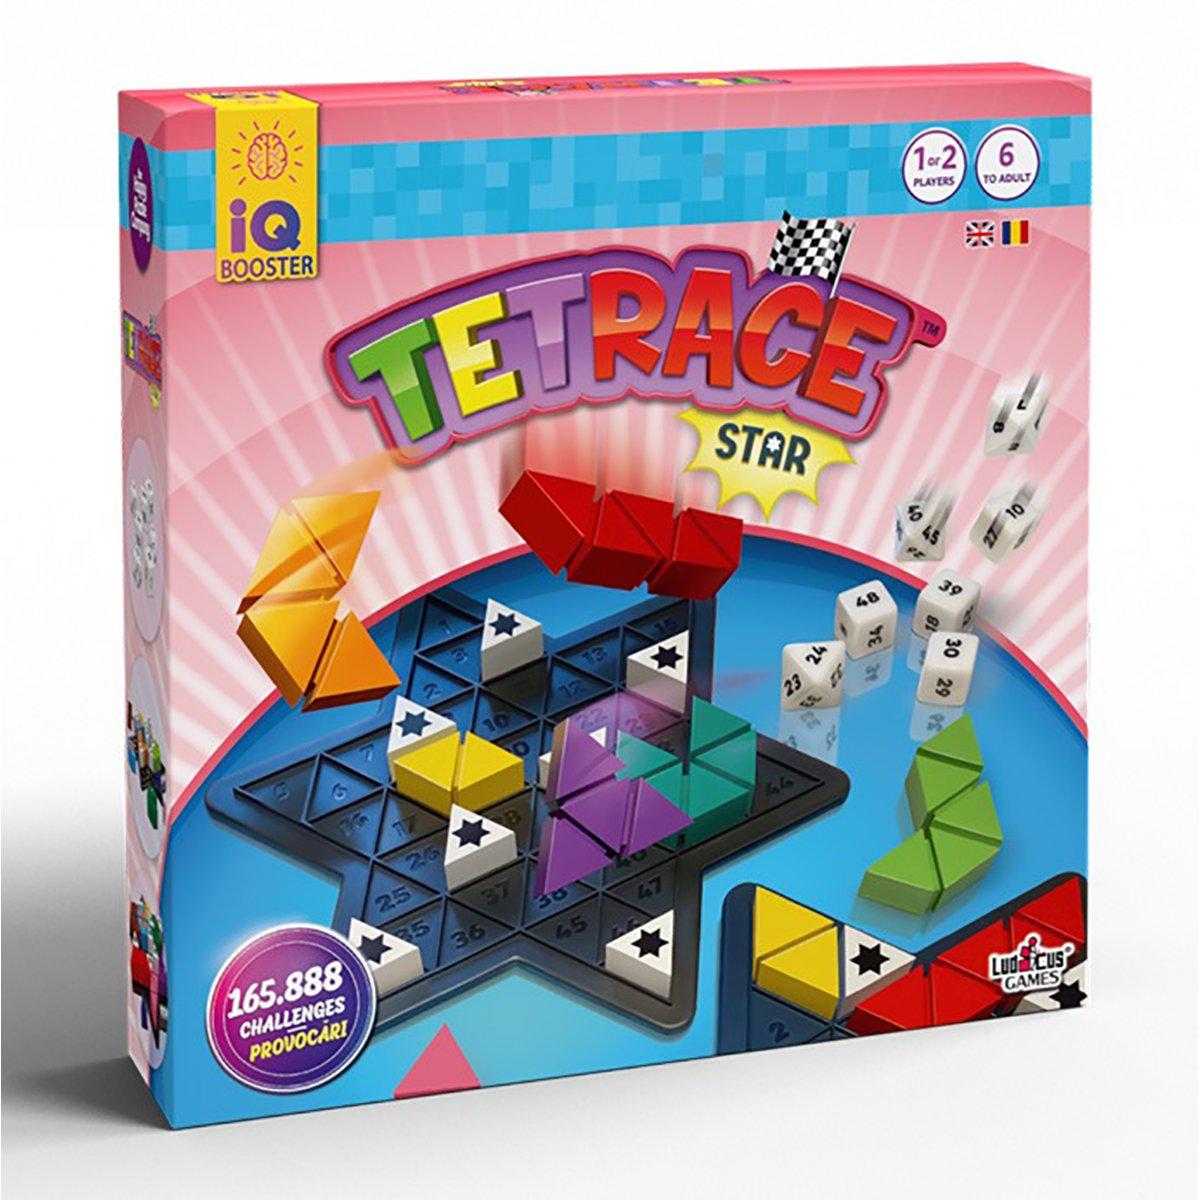 Joc educativ IQ Booster - Tetrace Star